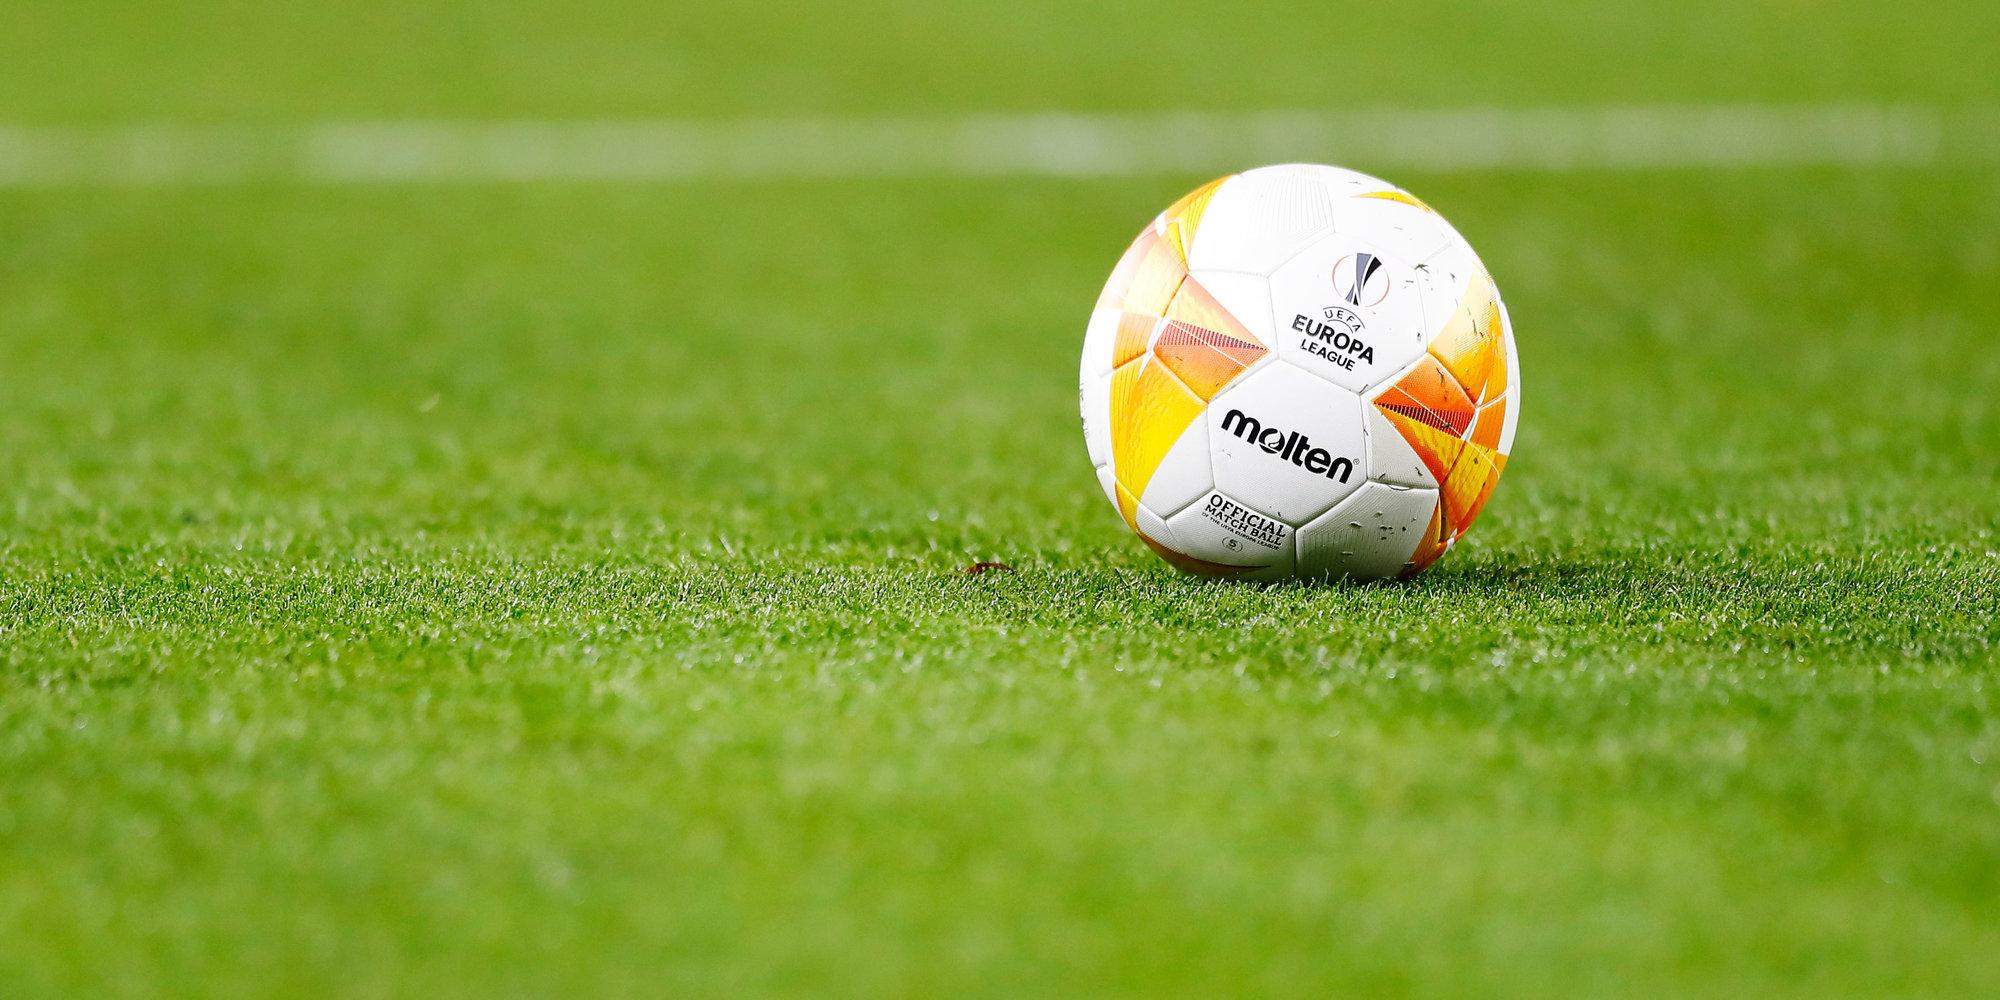 Автор дубля в ворота «Краснодара» включен в список претендентов на звание лучшего игрока недели в Лиге Европы